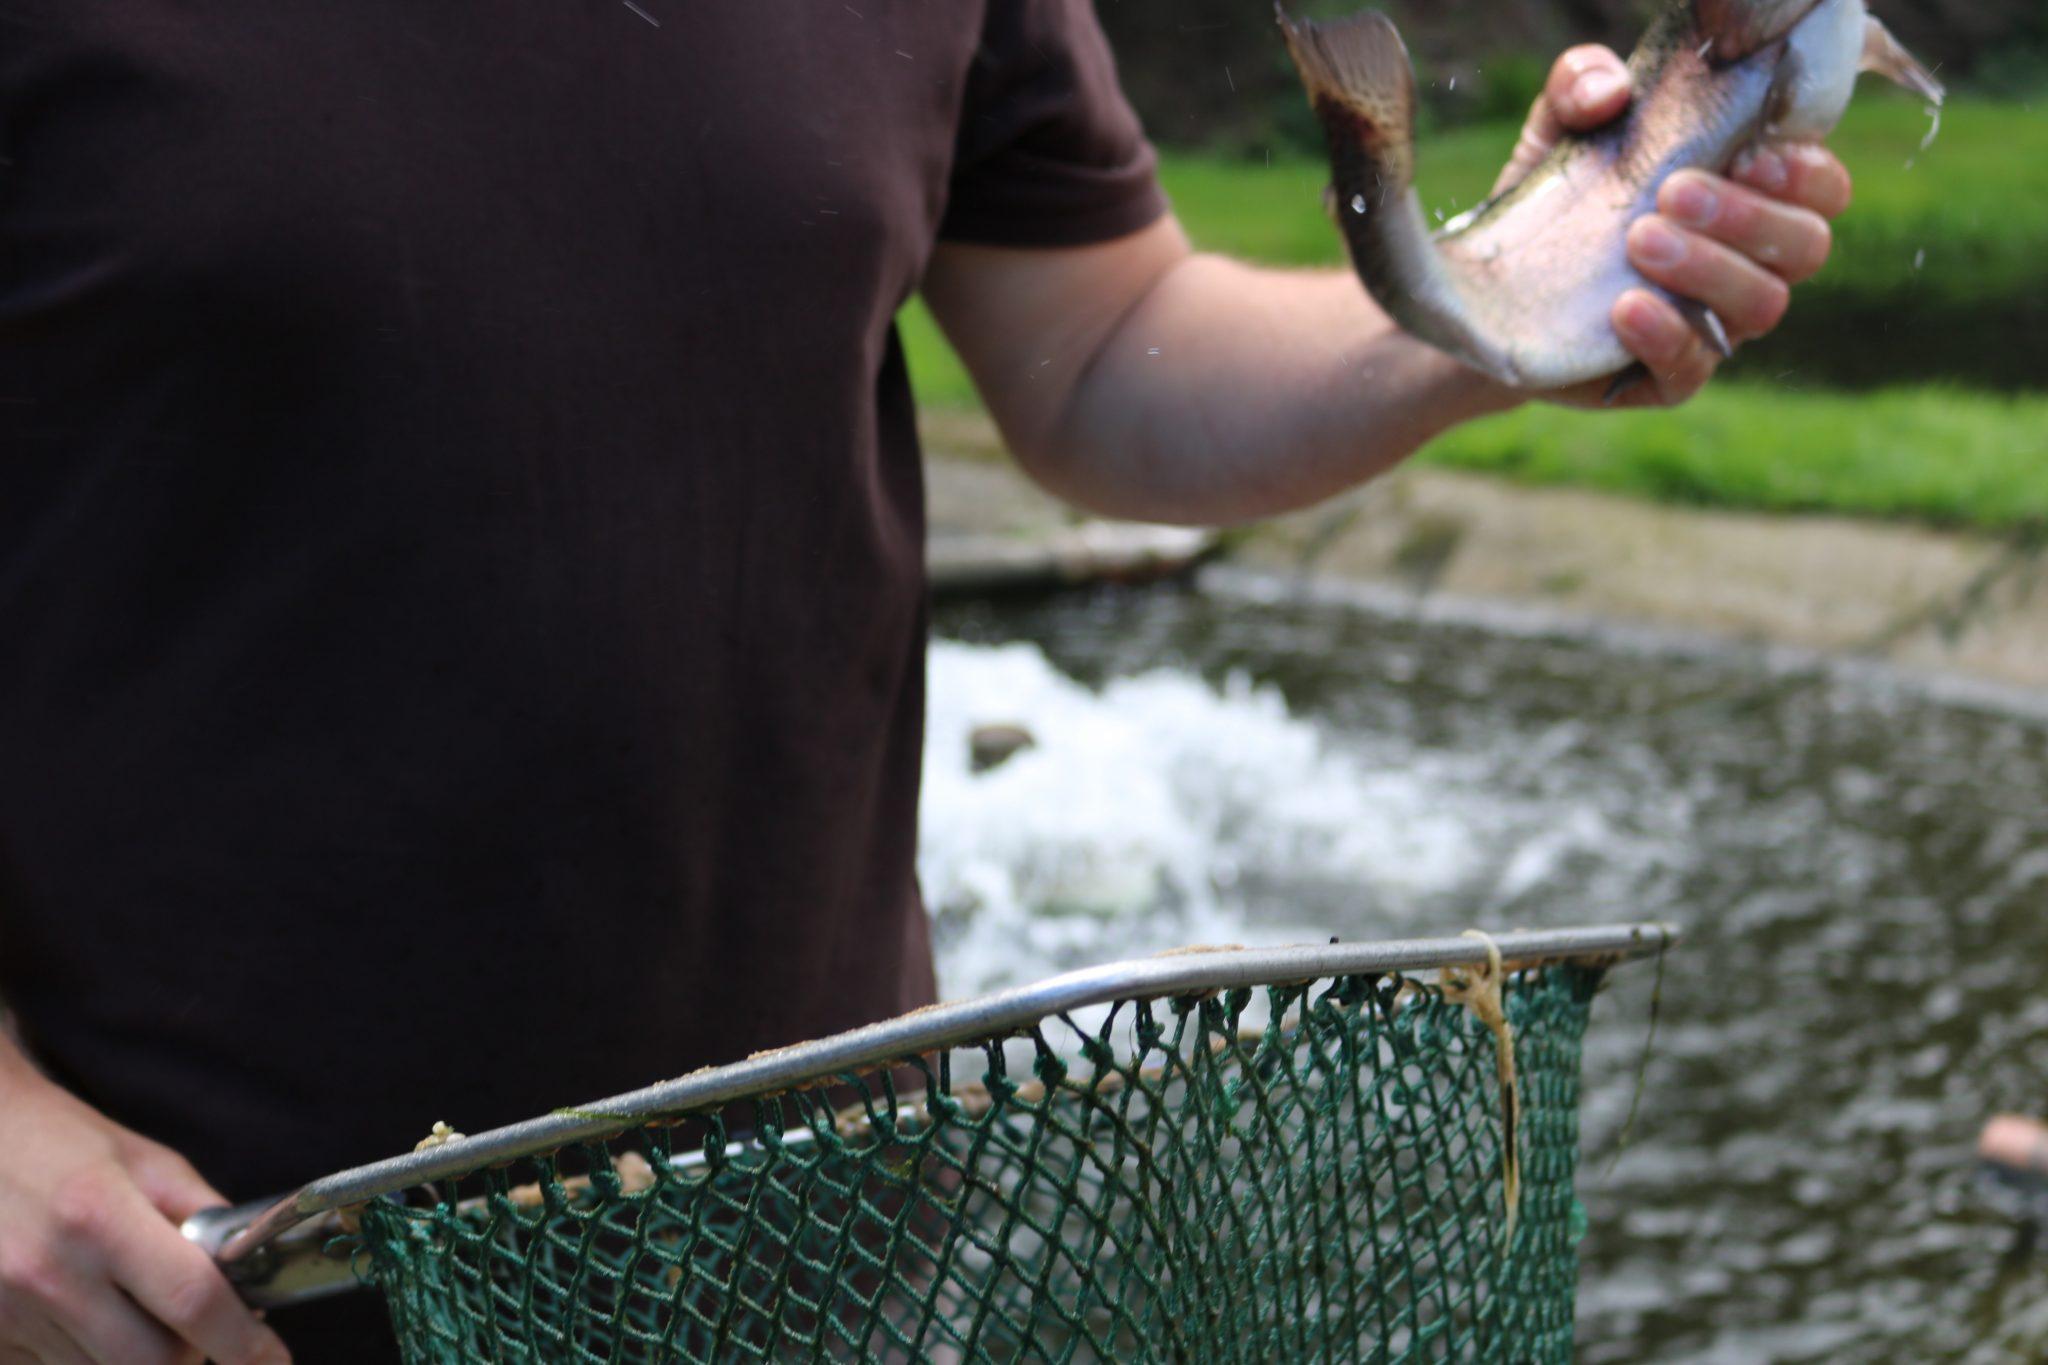 Forellen-frisch-kaufen-zucht-bad-iburg